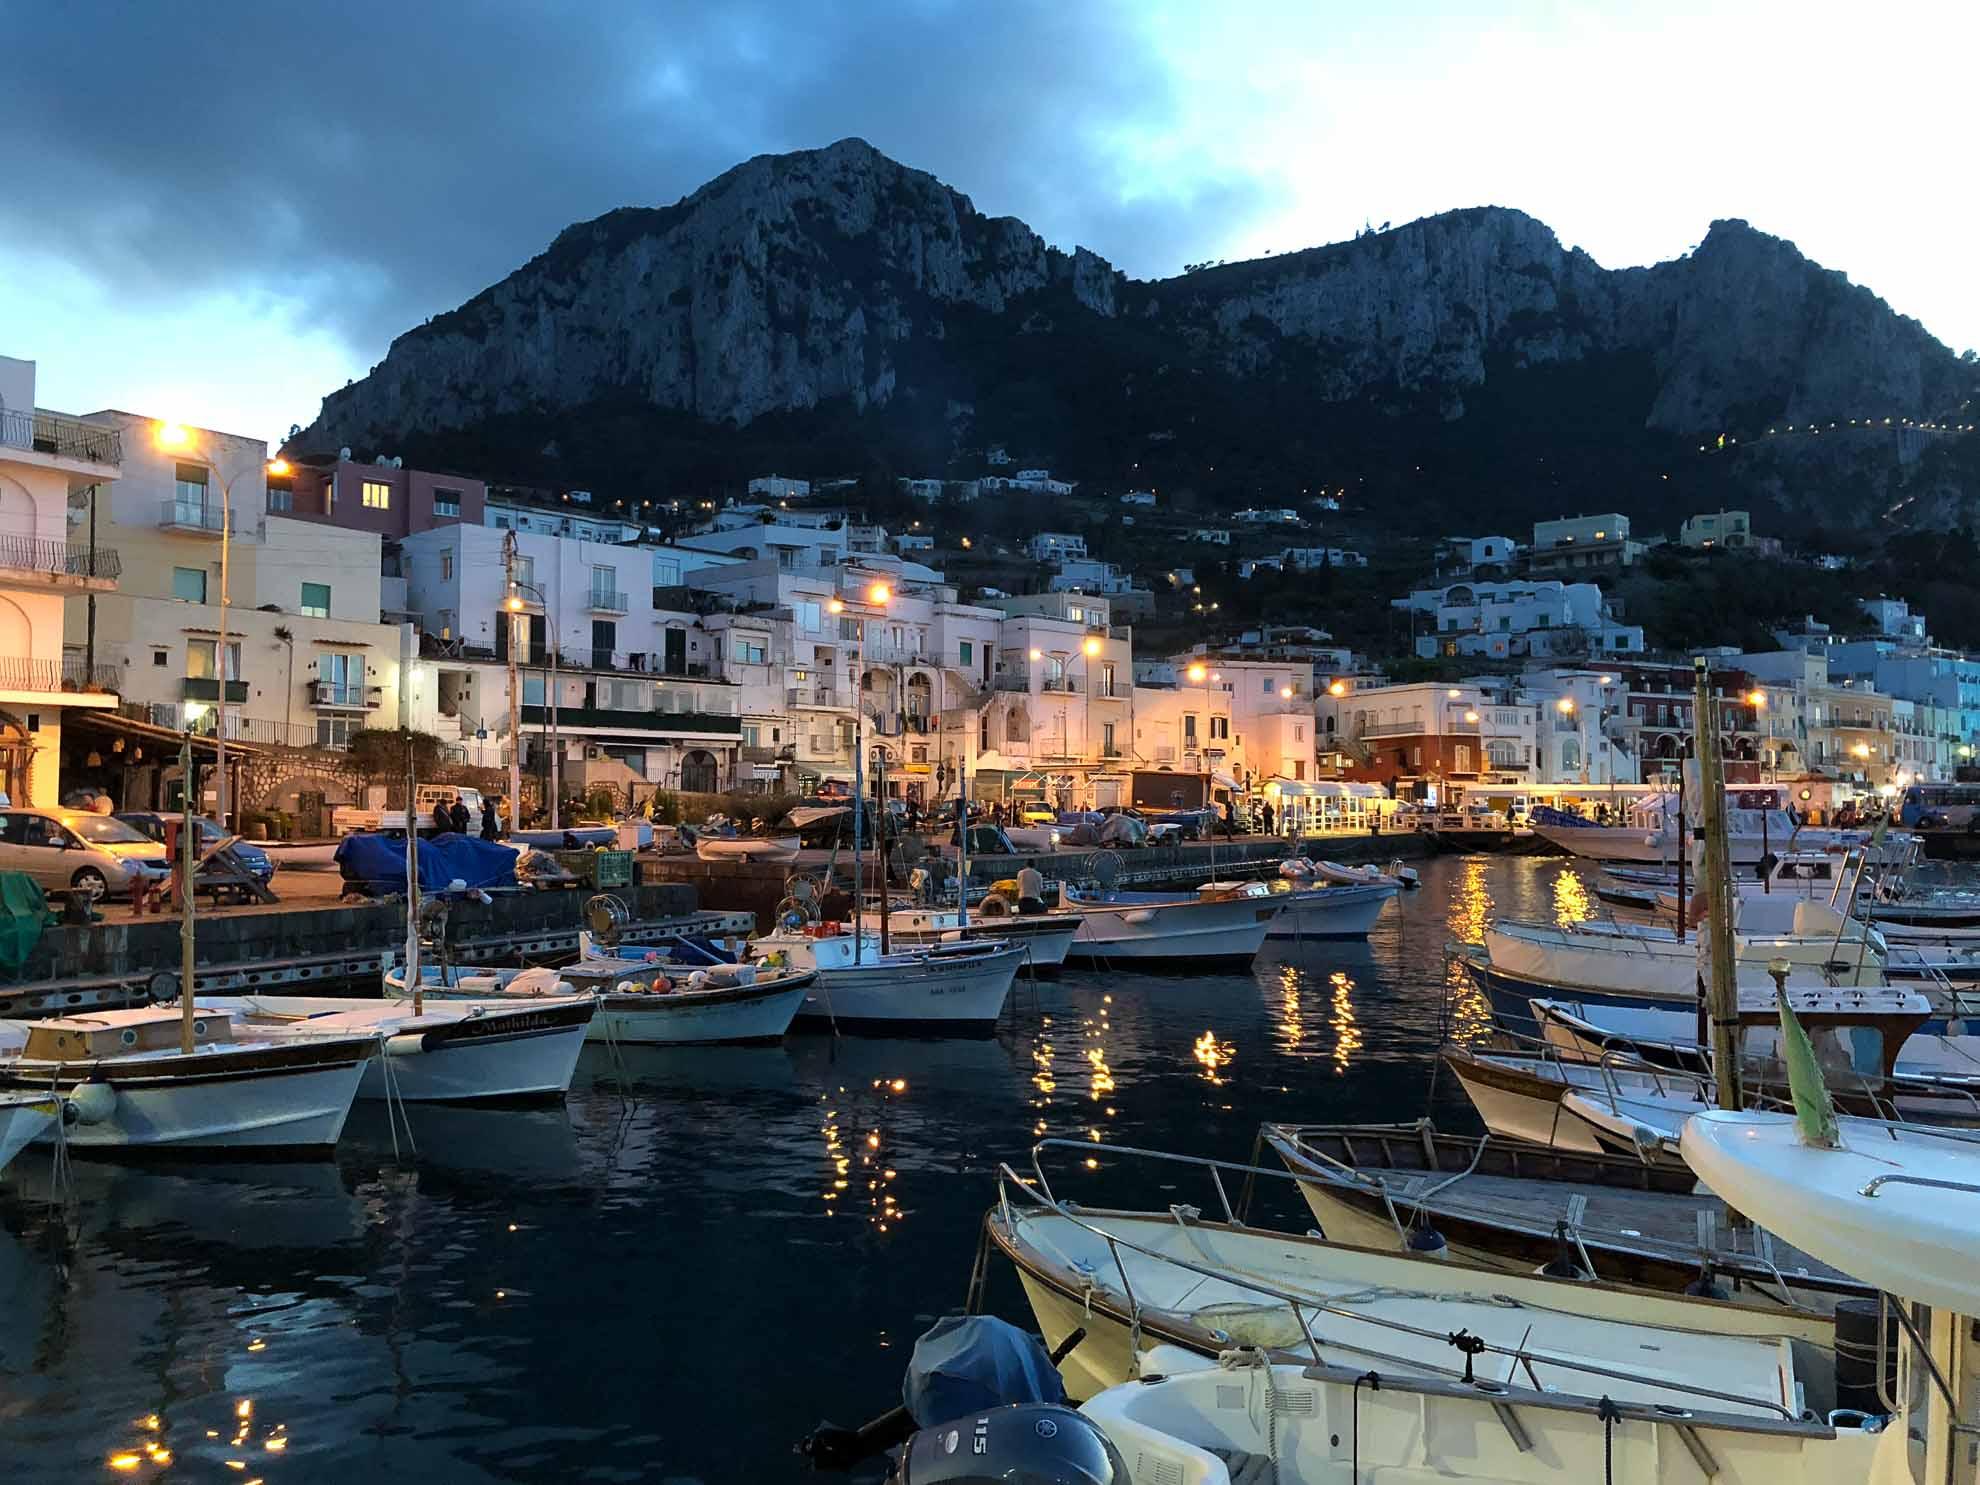 Der Hafen von Capri am Abend …